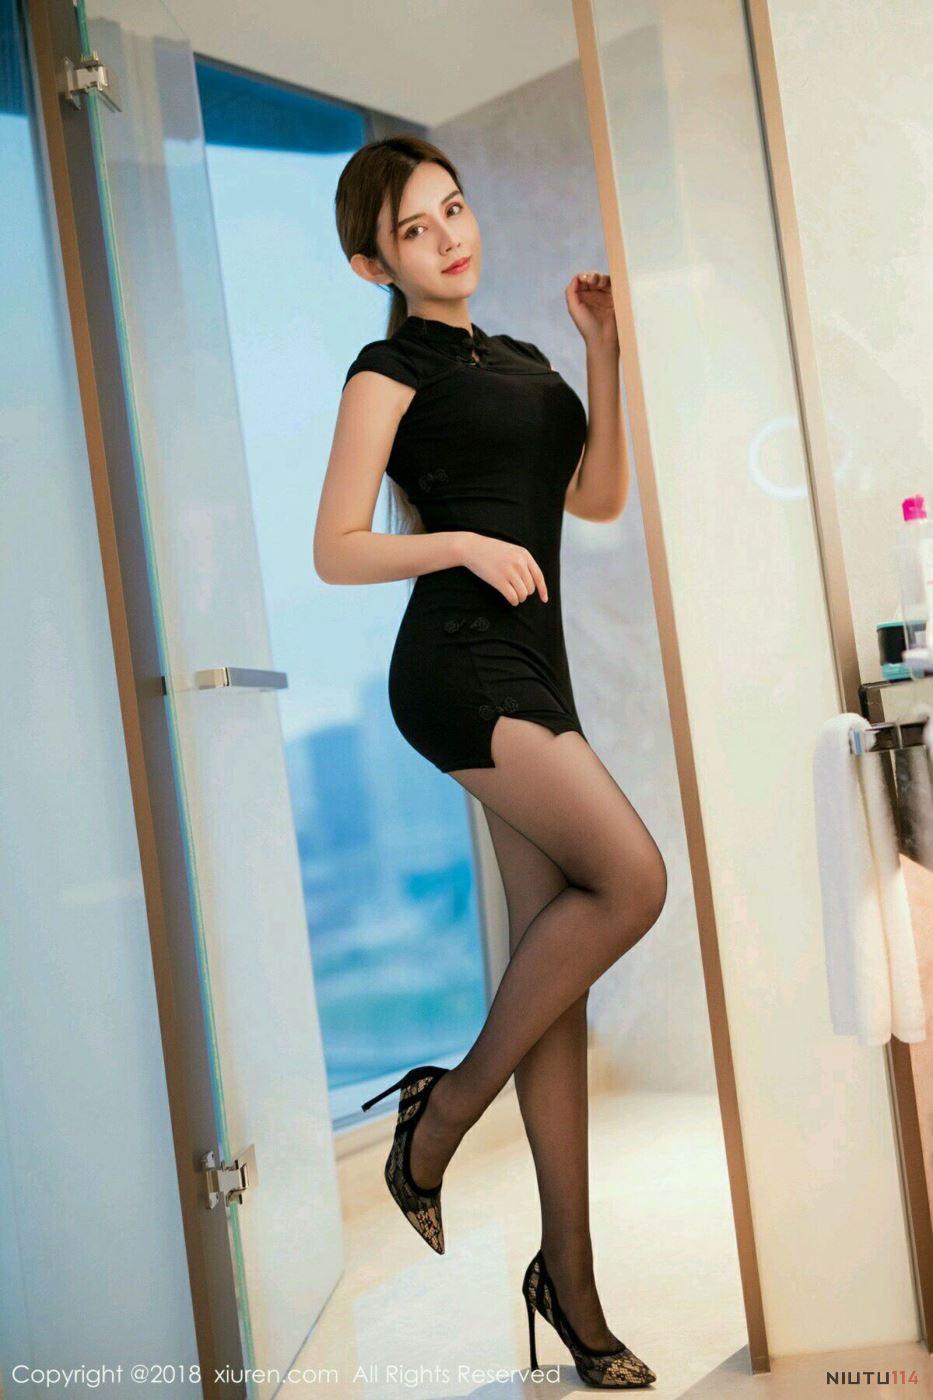 旗袍美女丝袜诱惑 秀人网Cris卓娅祺的性感黑丝美腿图片